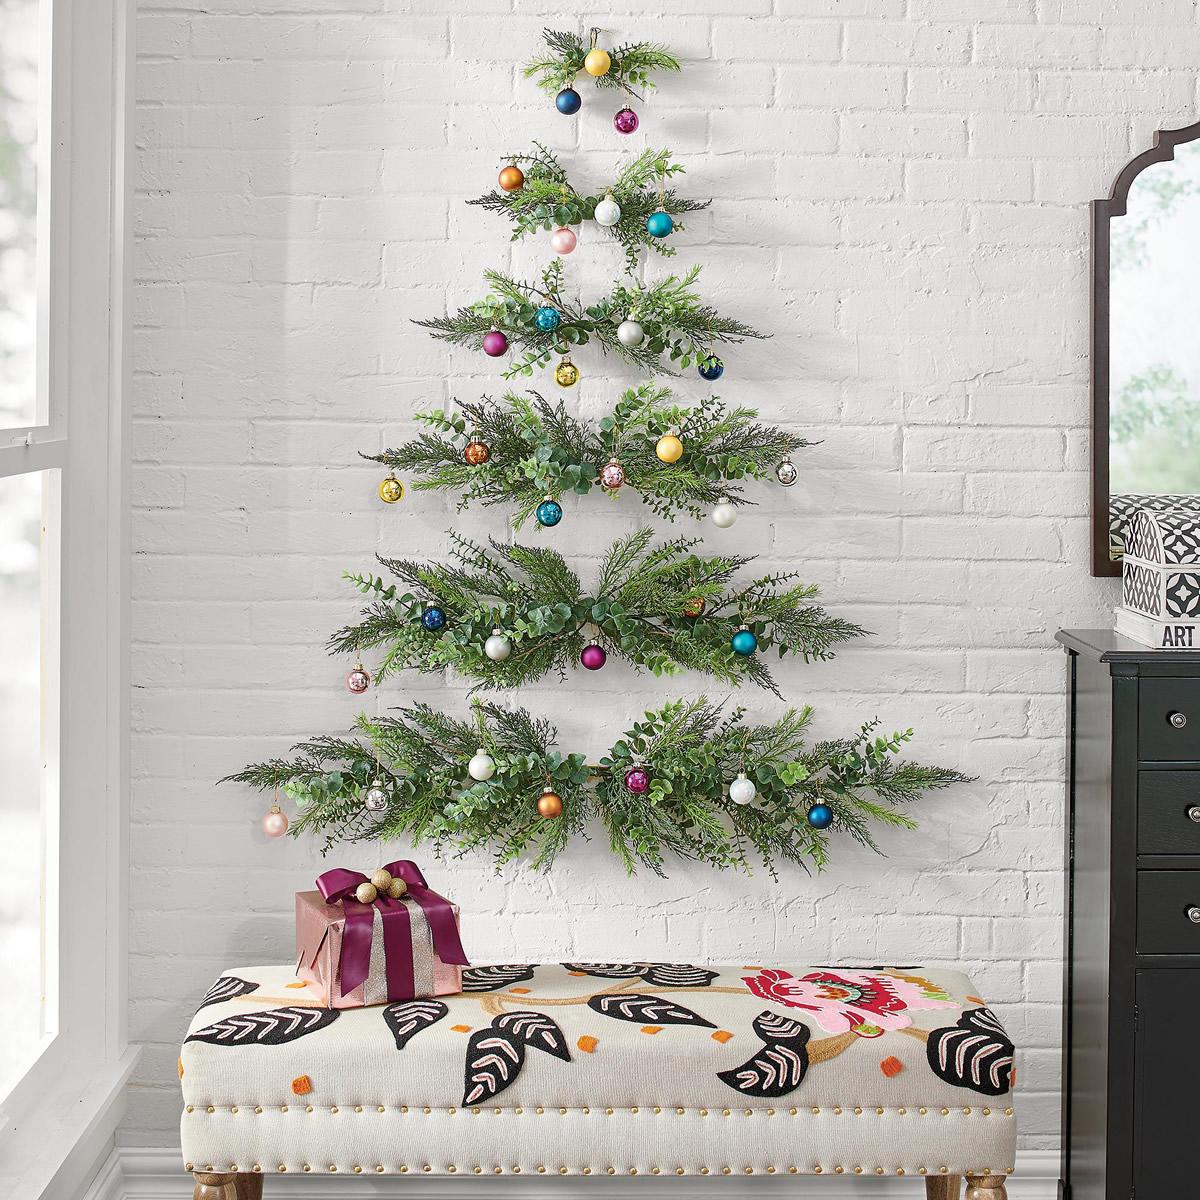 Alberi Di Natale Particolari.Alberi Di Natale Originali Per Essere Sempre Creativi E Non Omologarsi